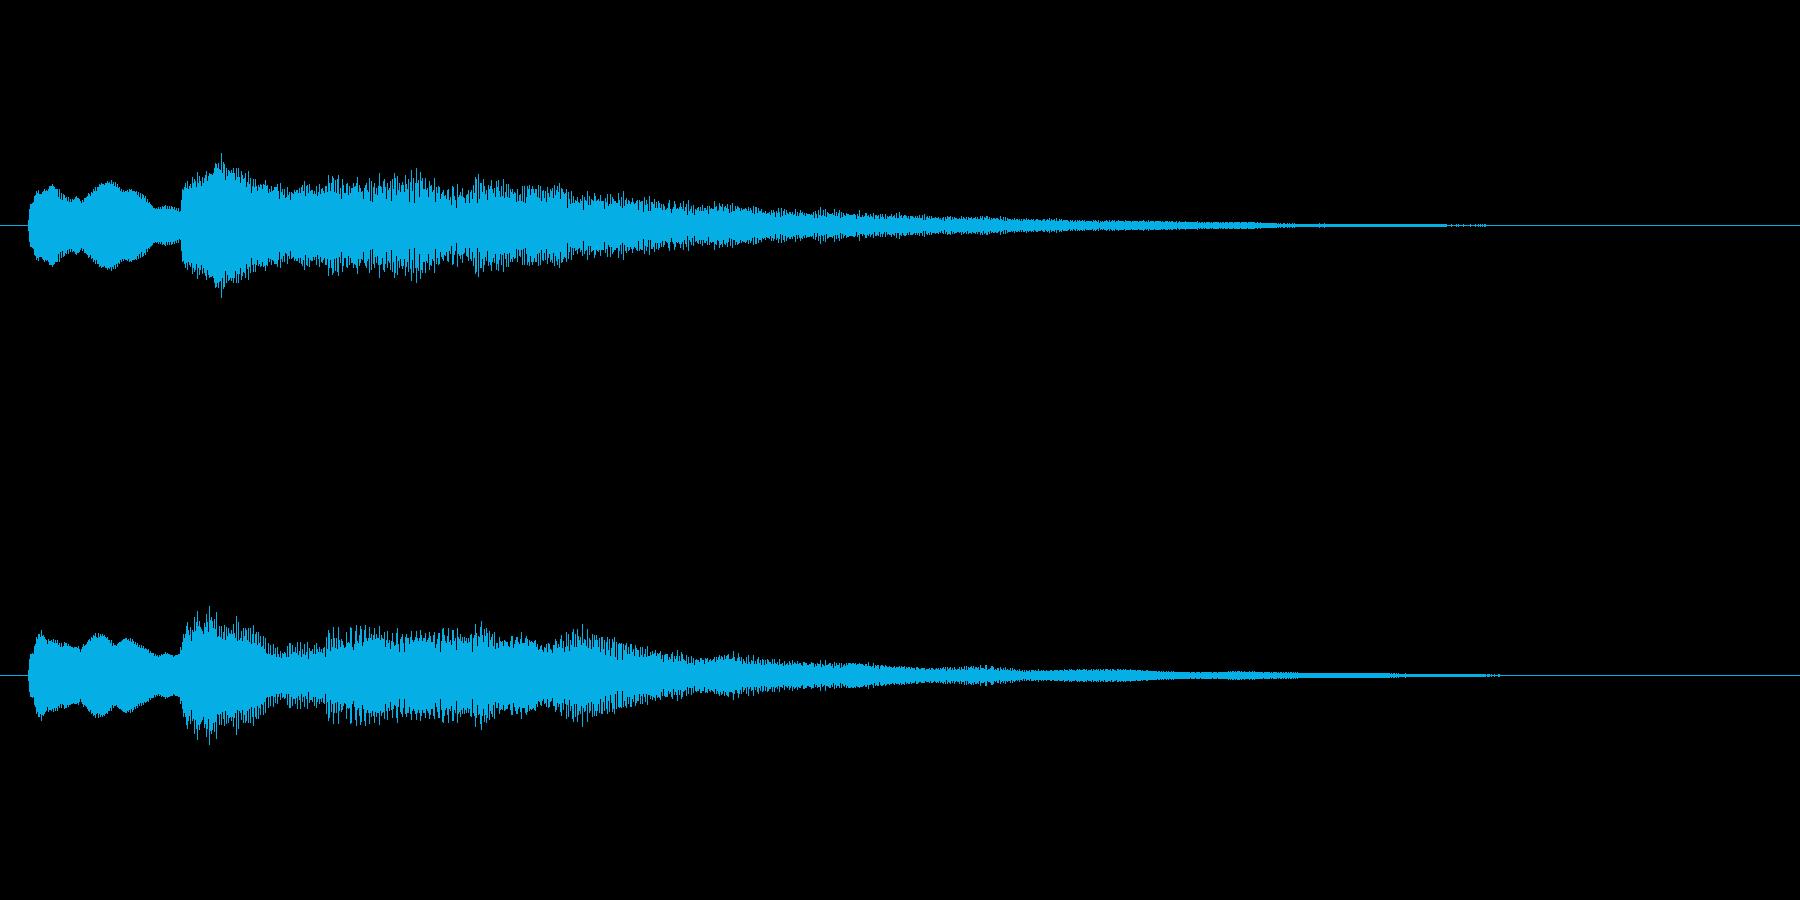 【チャイム 学校02-12】の再生済みの波形